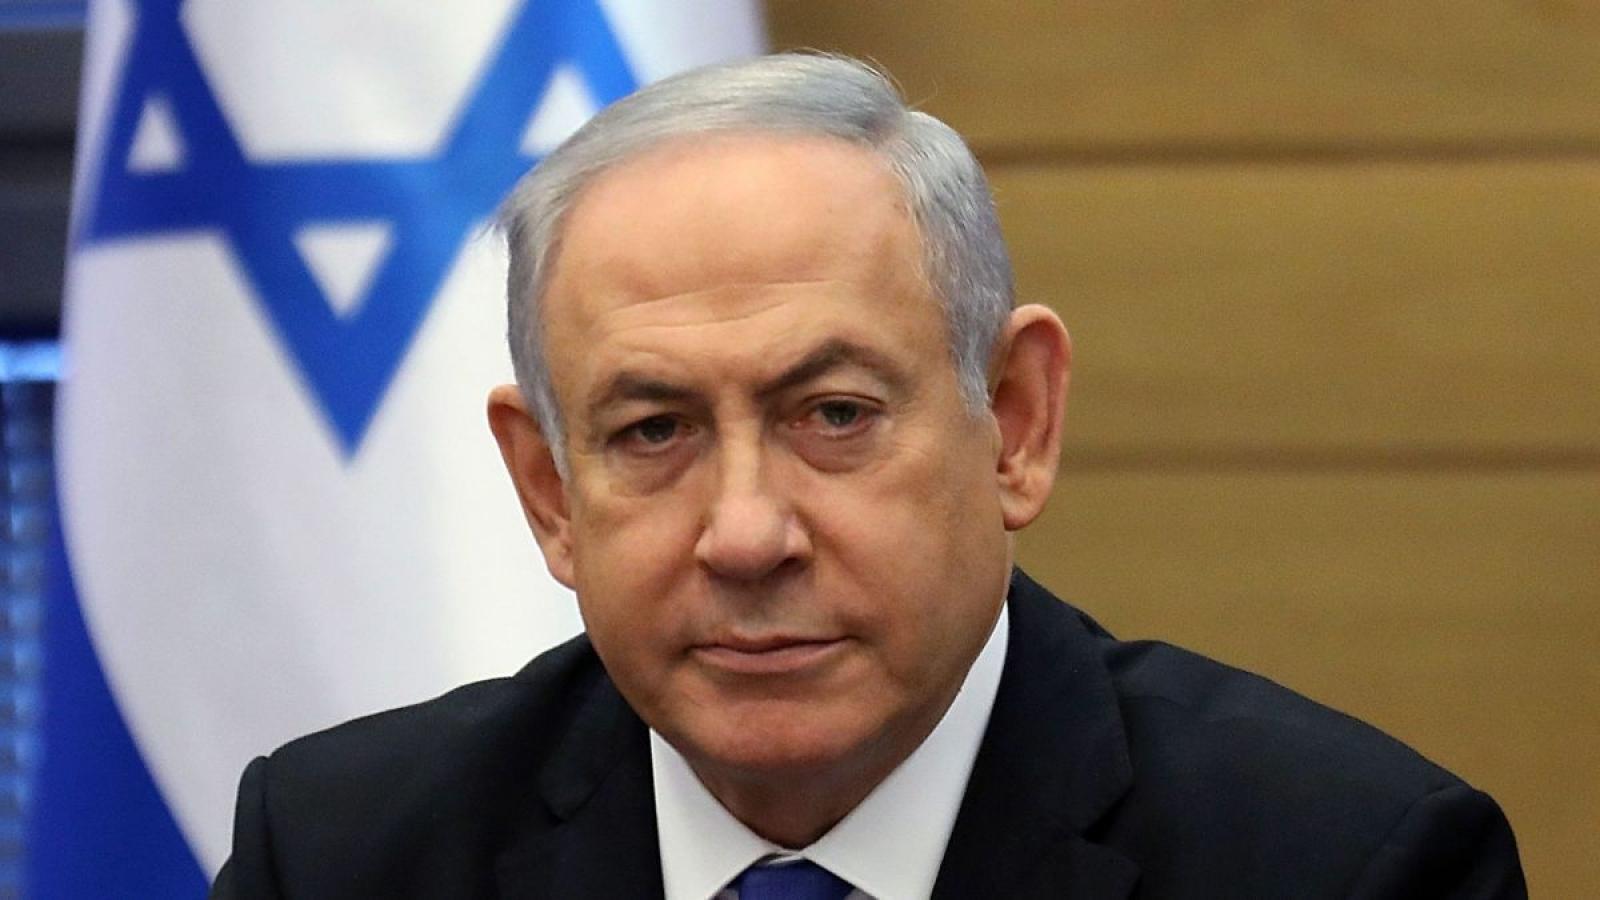 Thủ tướng Israel Netanyahu cùng lúc đối mặt với 2 thách thức lớn